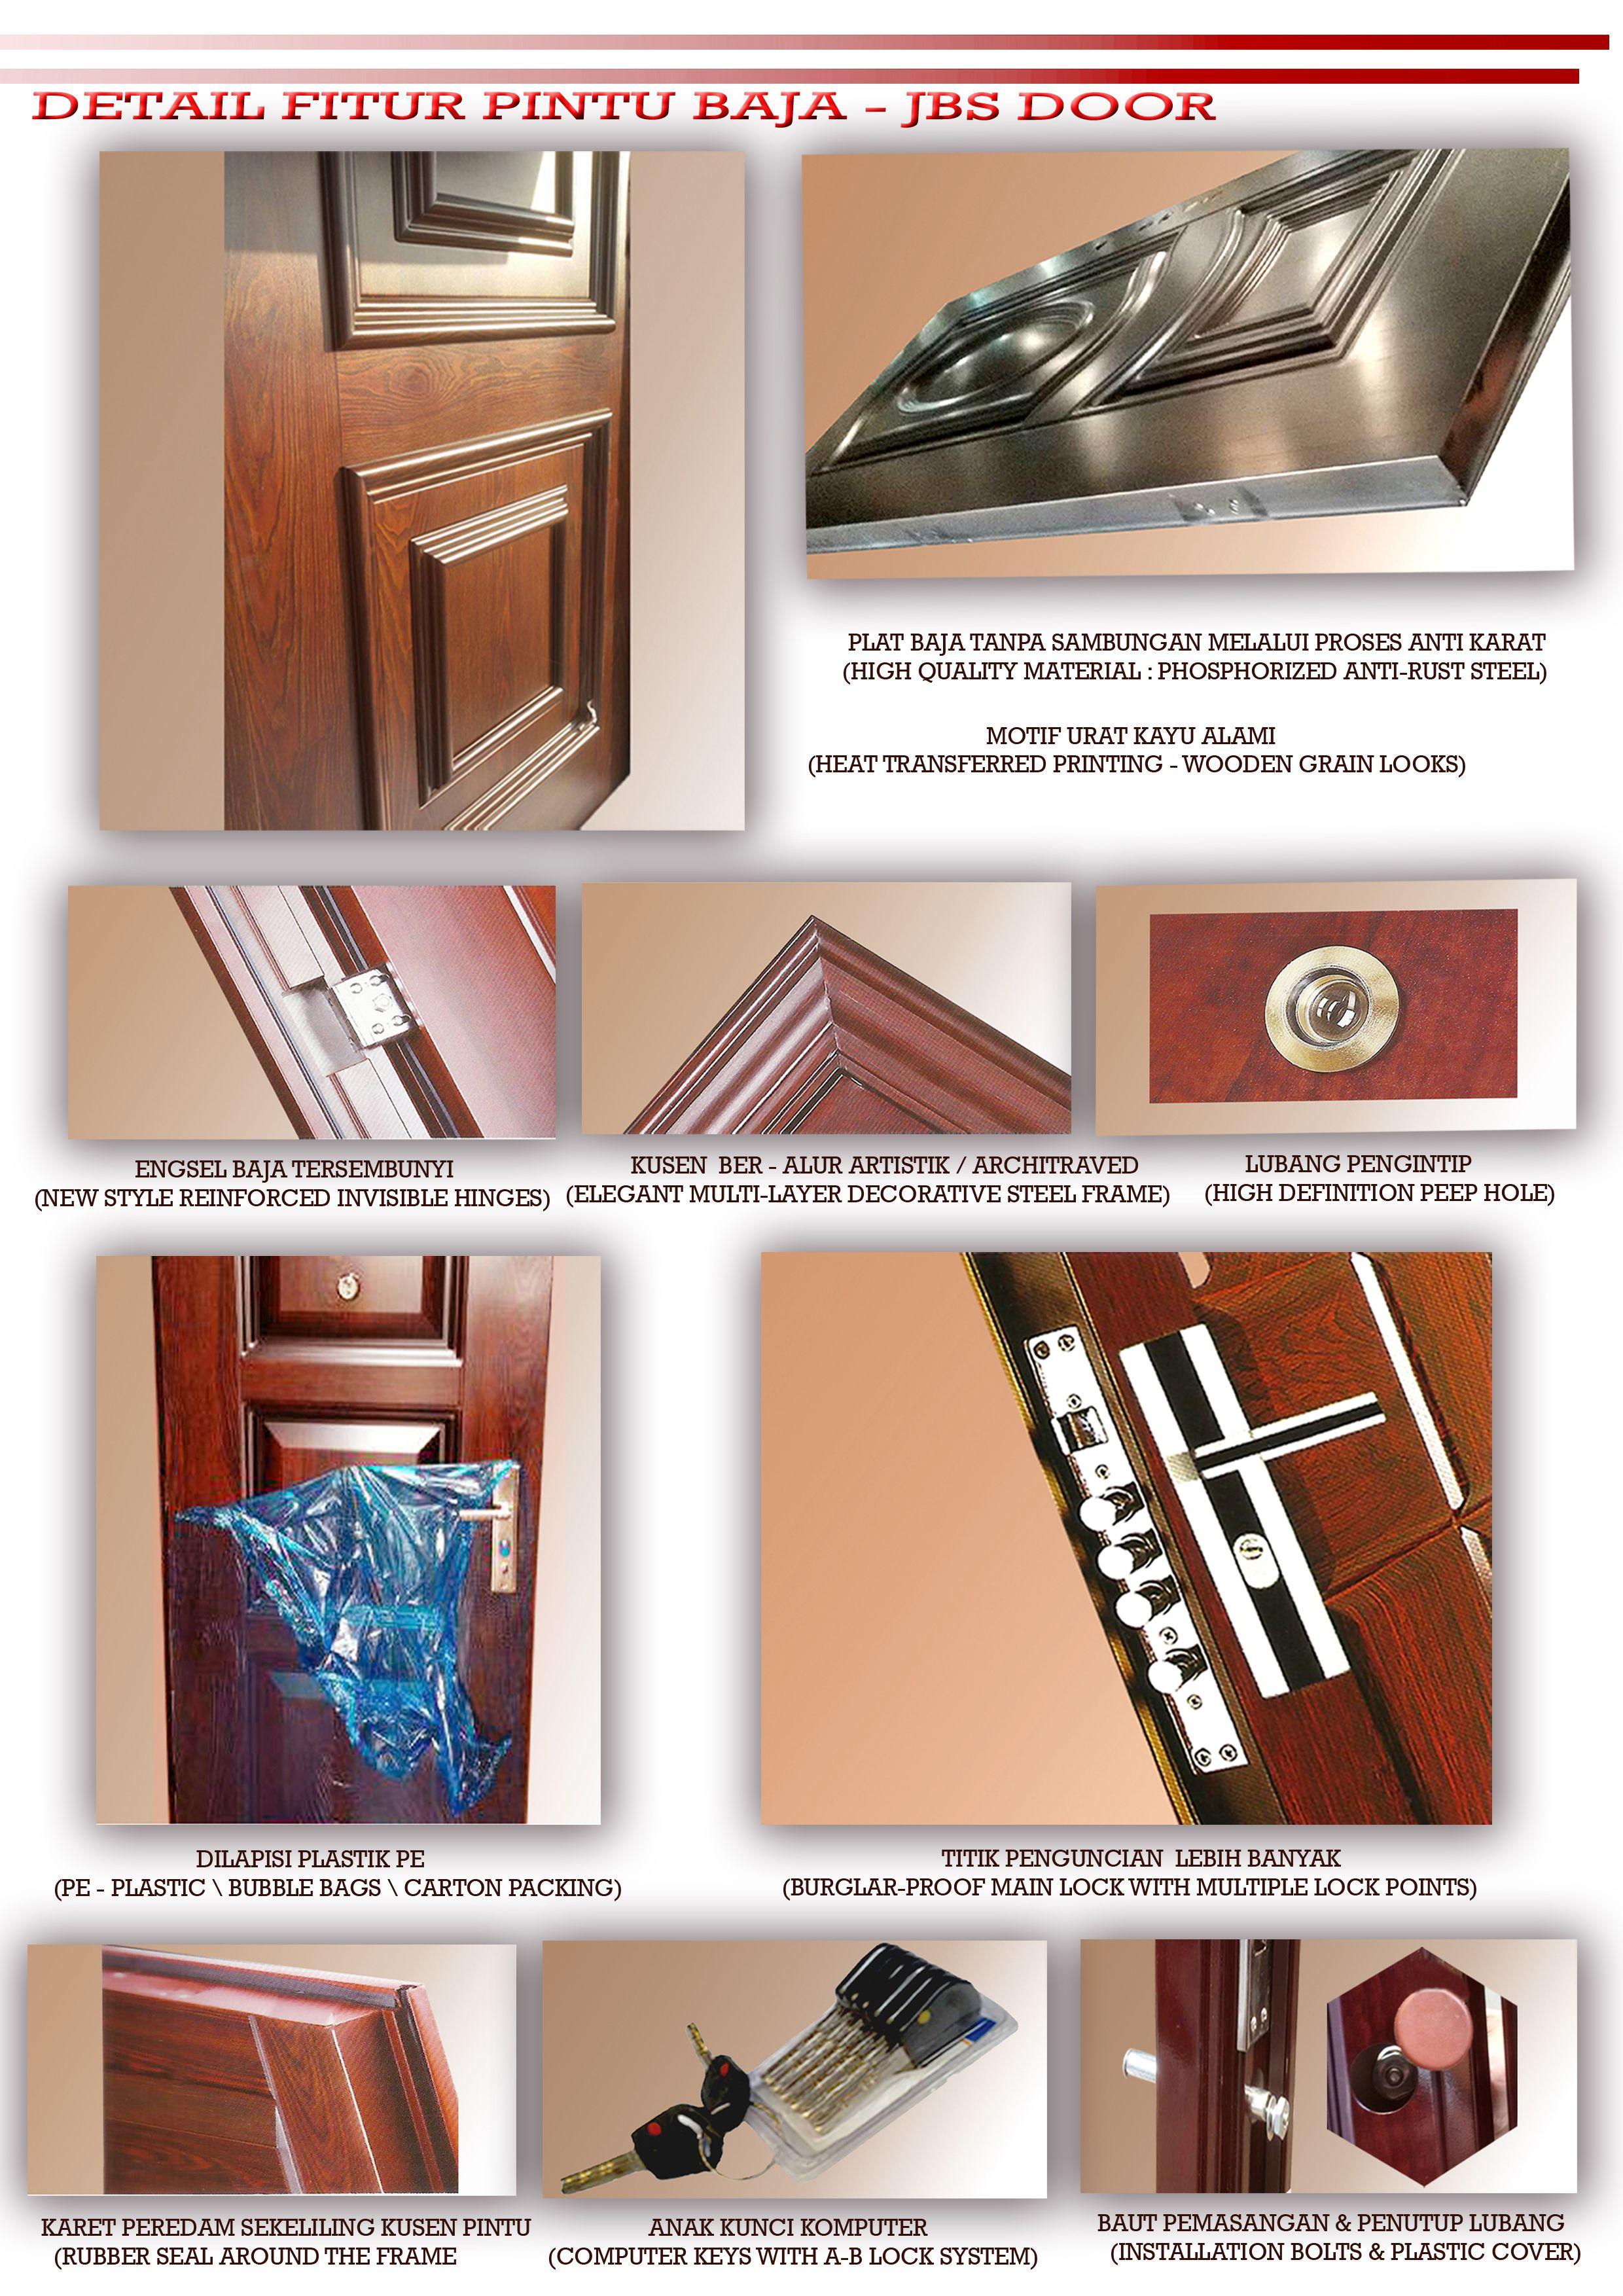 Gambar Depan Rumah : gambar, depan, rumah, Pintu, Depan, Rumah, Minimalis, 2018,, Pintu,, Modern,, Mewah,, Minimalis,